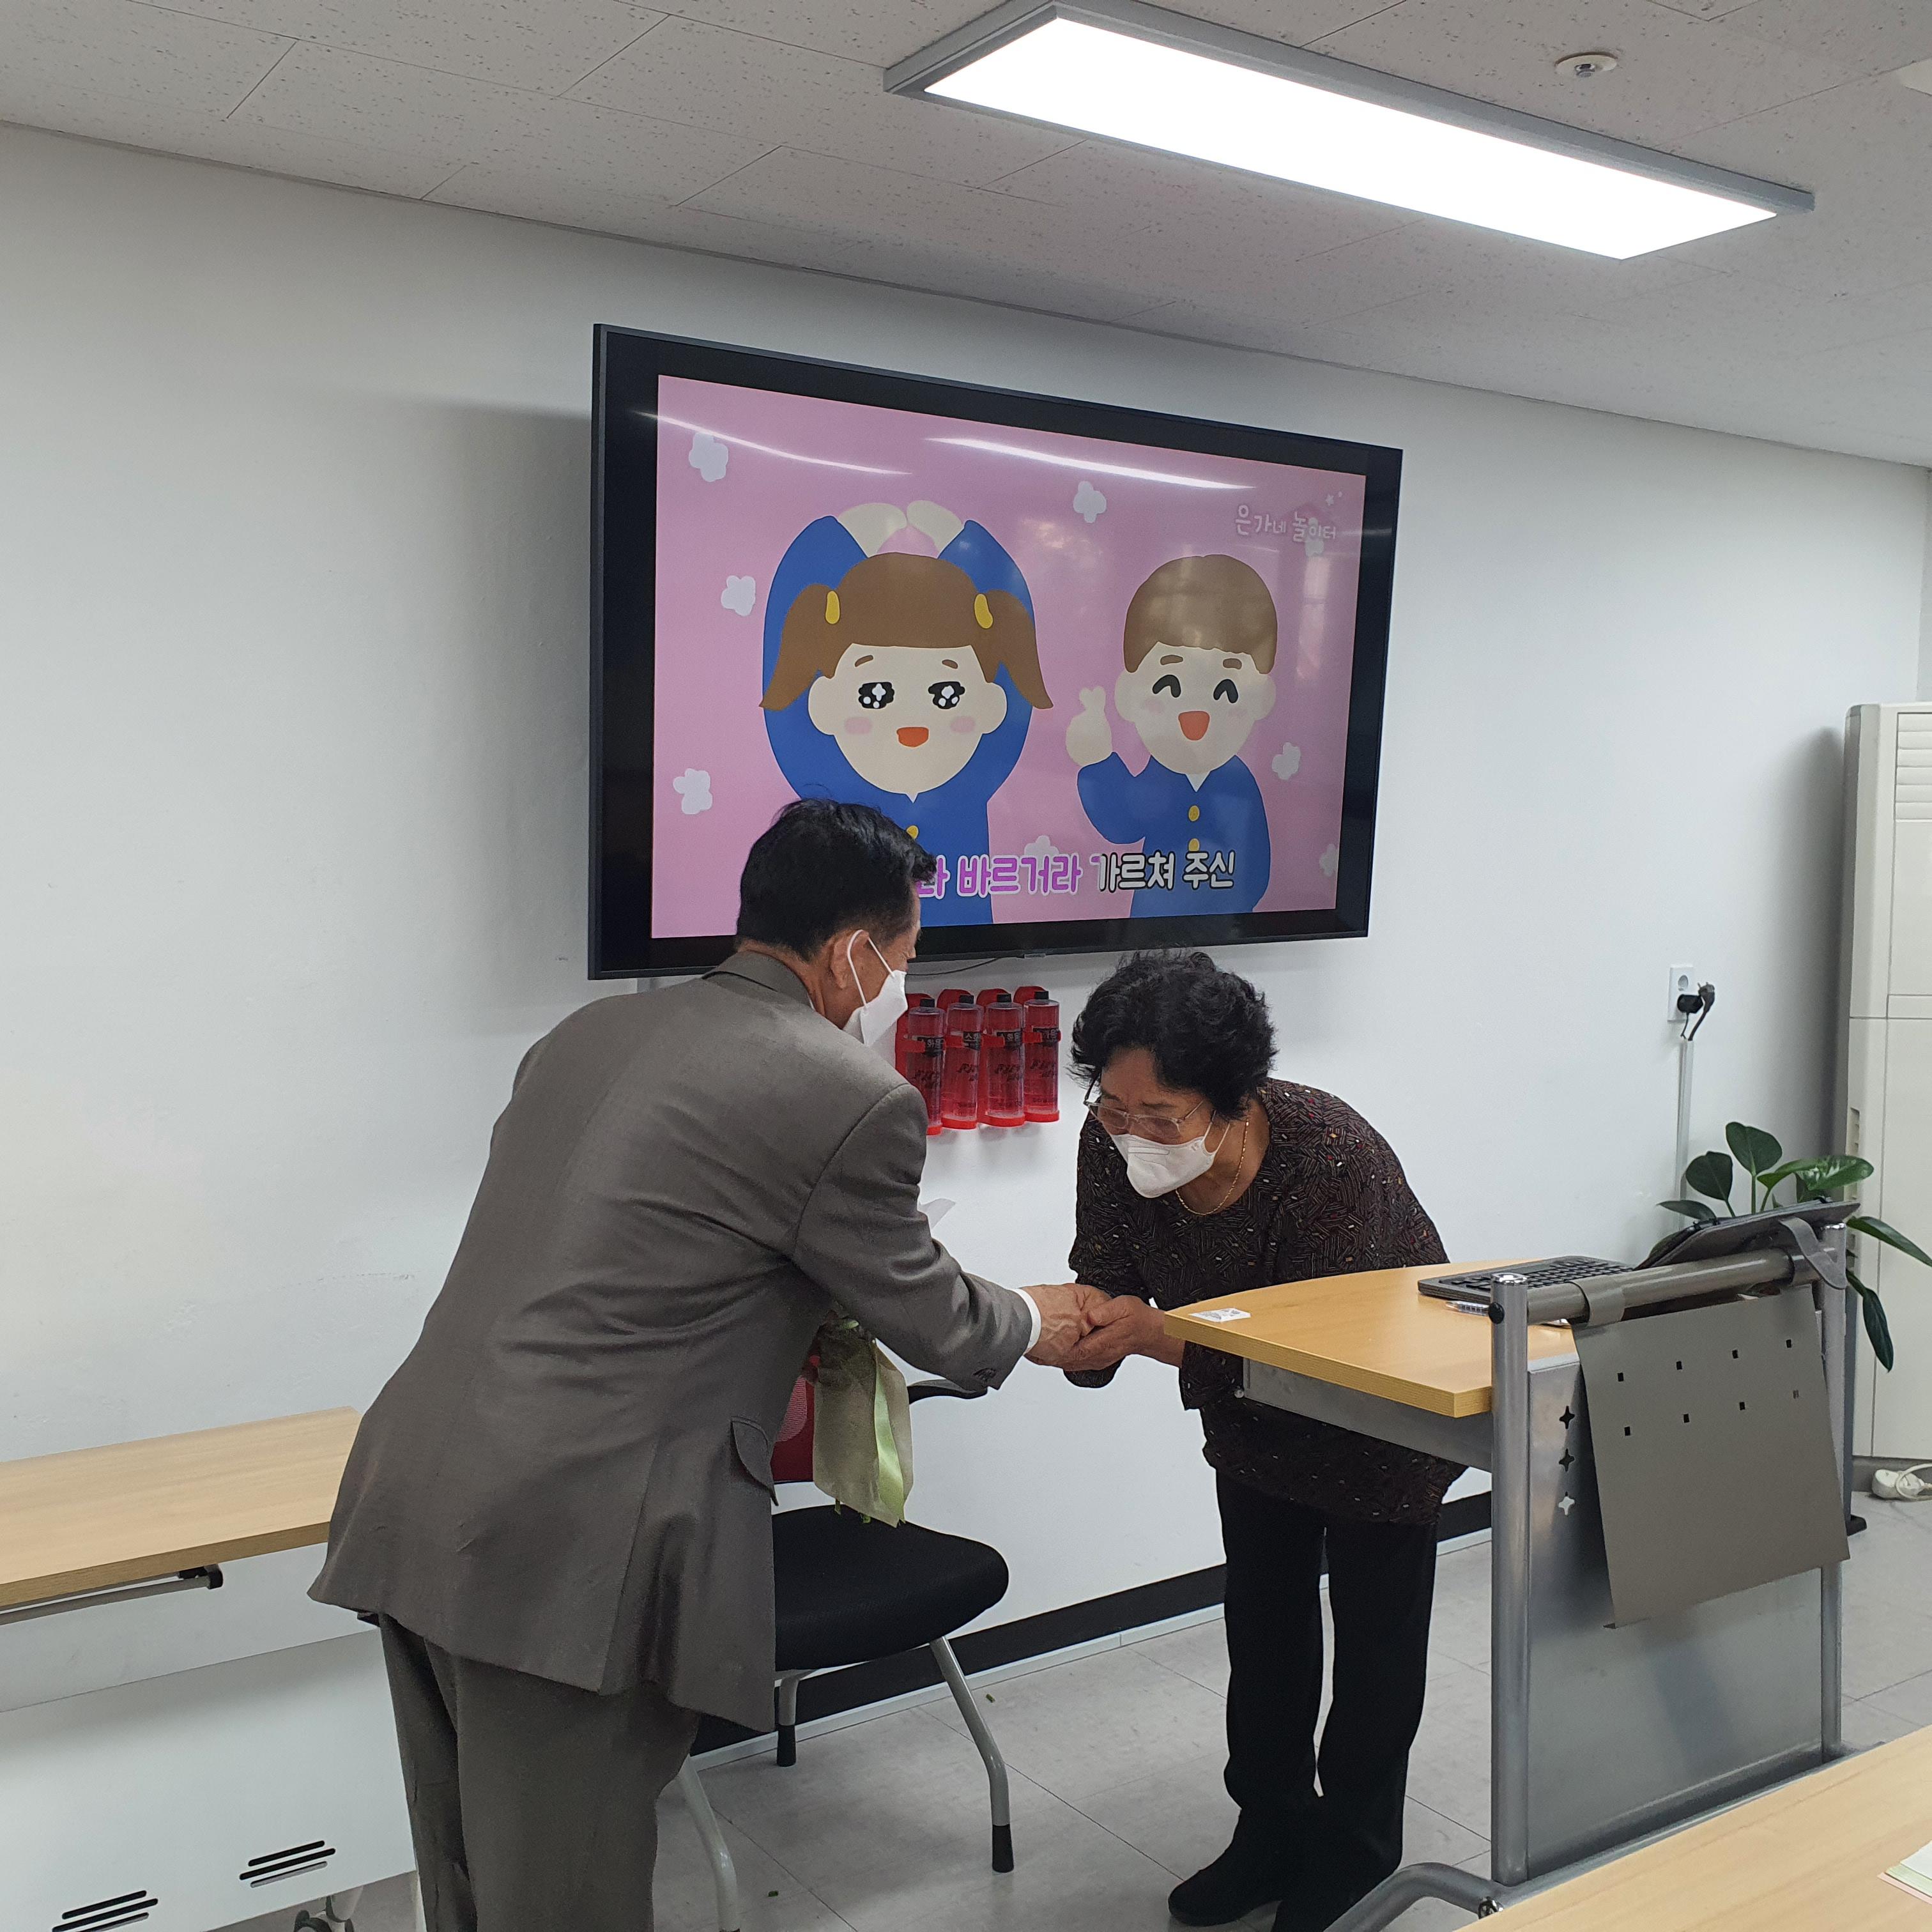 [재가,맞춤돌봄] 소망초등학교 한글교실 스승의날 행사 진행